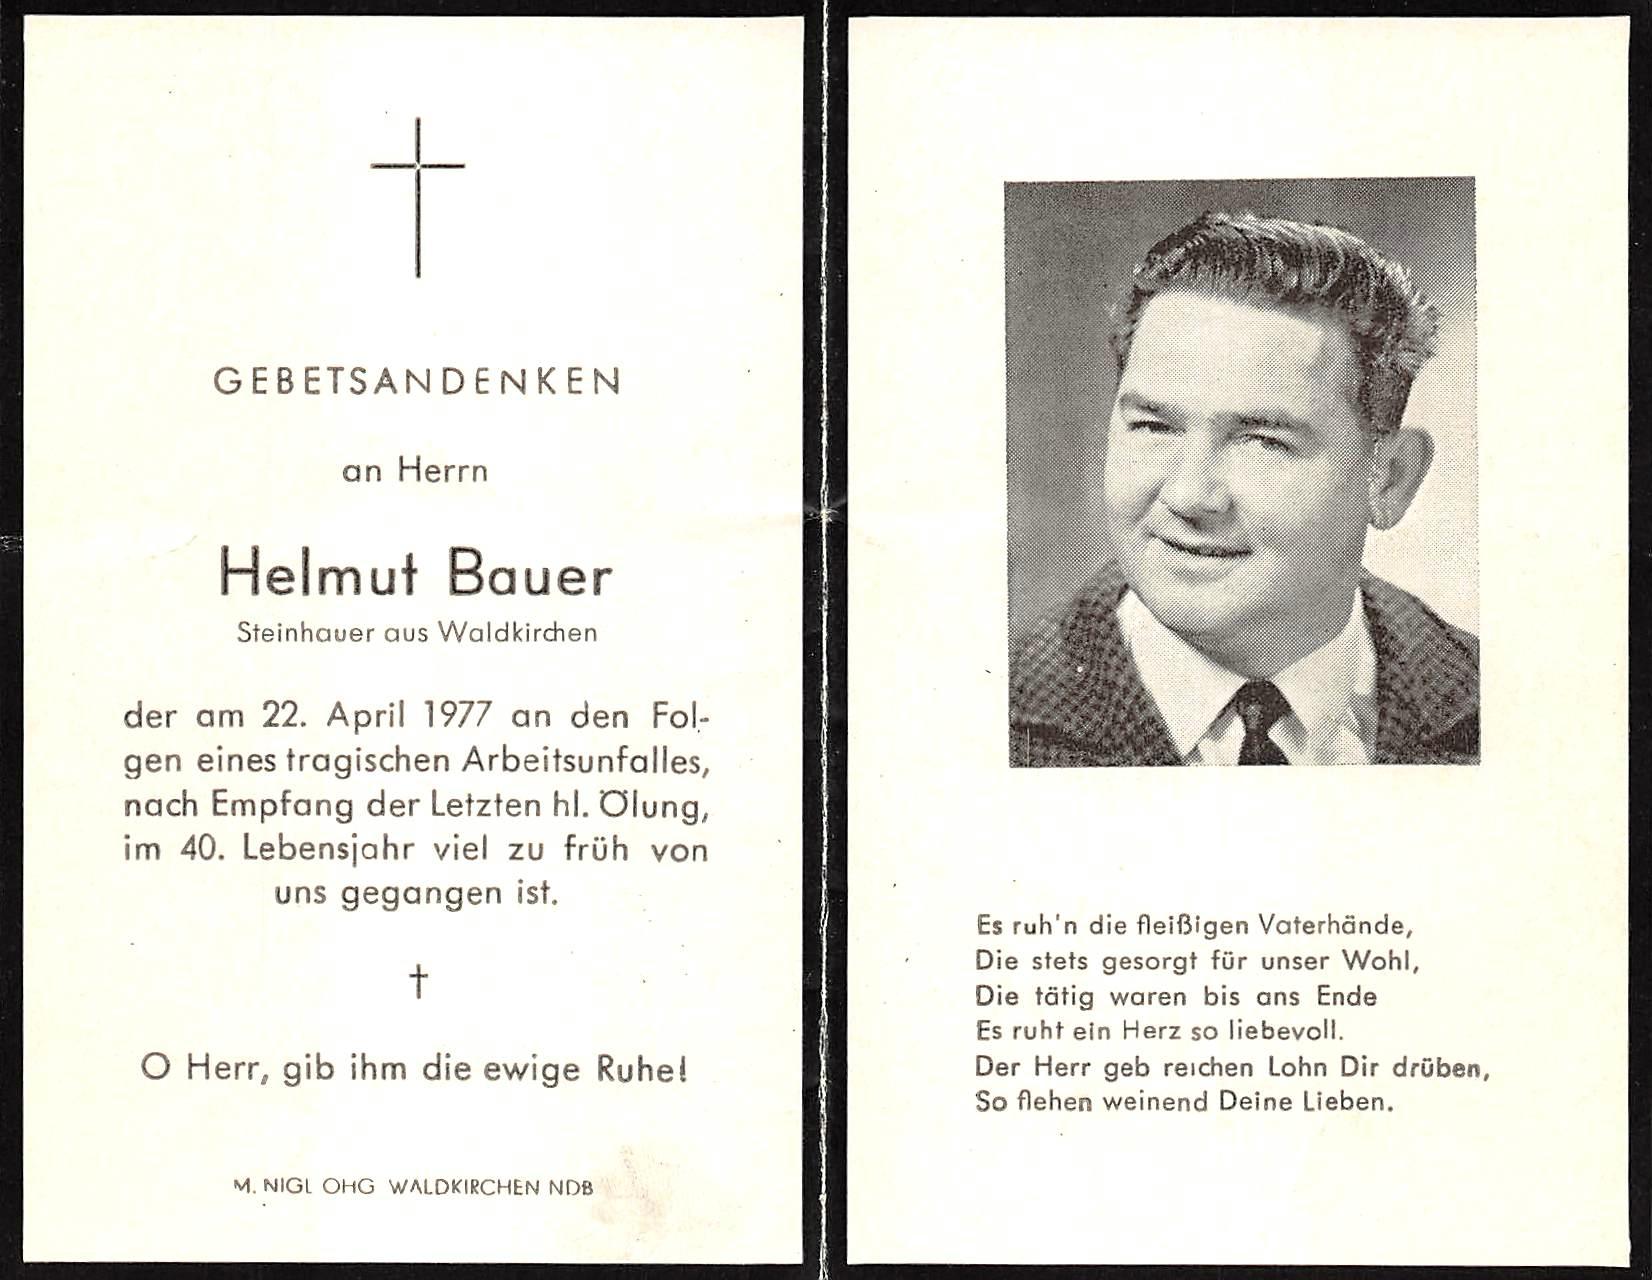 1977-04-22-Bauer-Helmut-Waldkirchen-Steinhauer